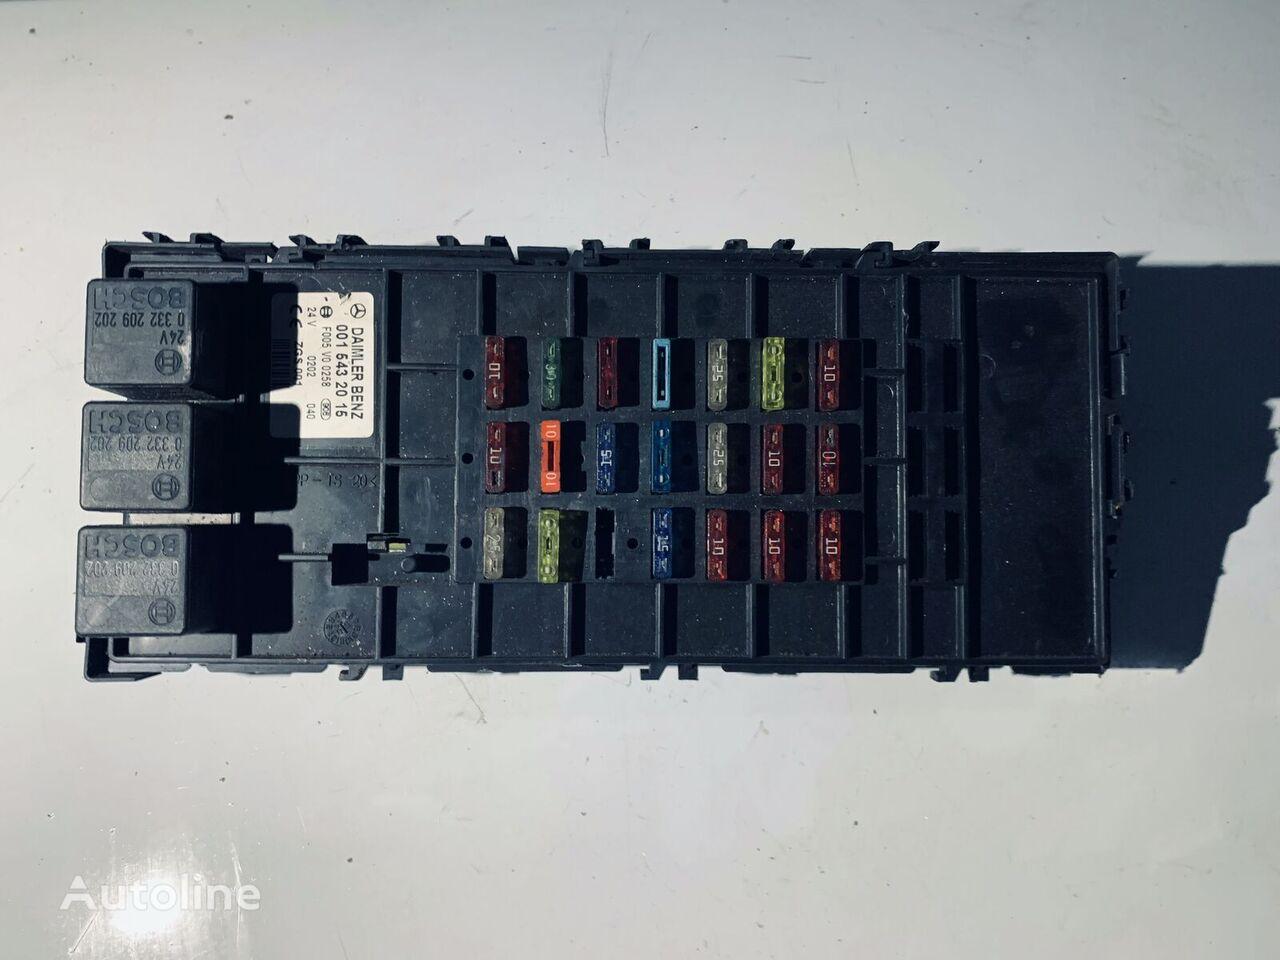 MERCEDES-BENZ (0015432015) caja de fusibles para MERCEDES-BENZ tractora